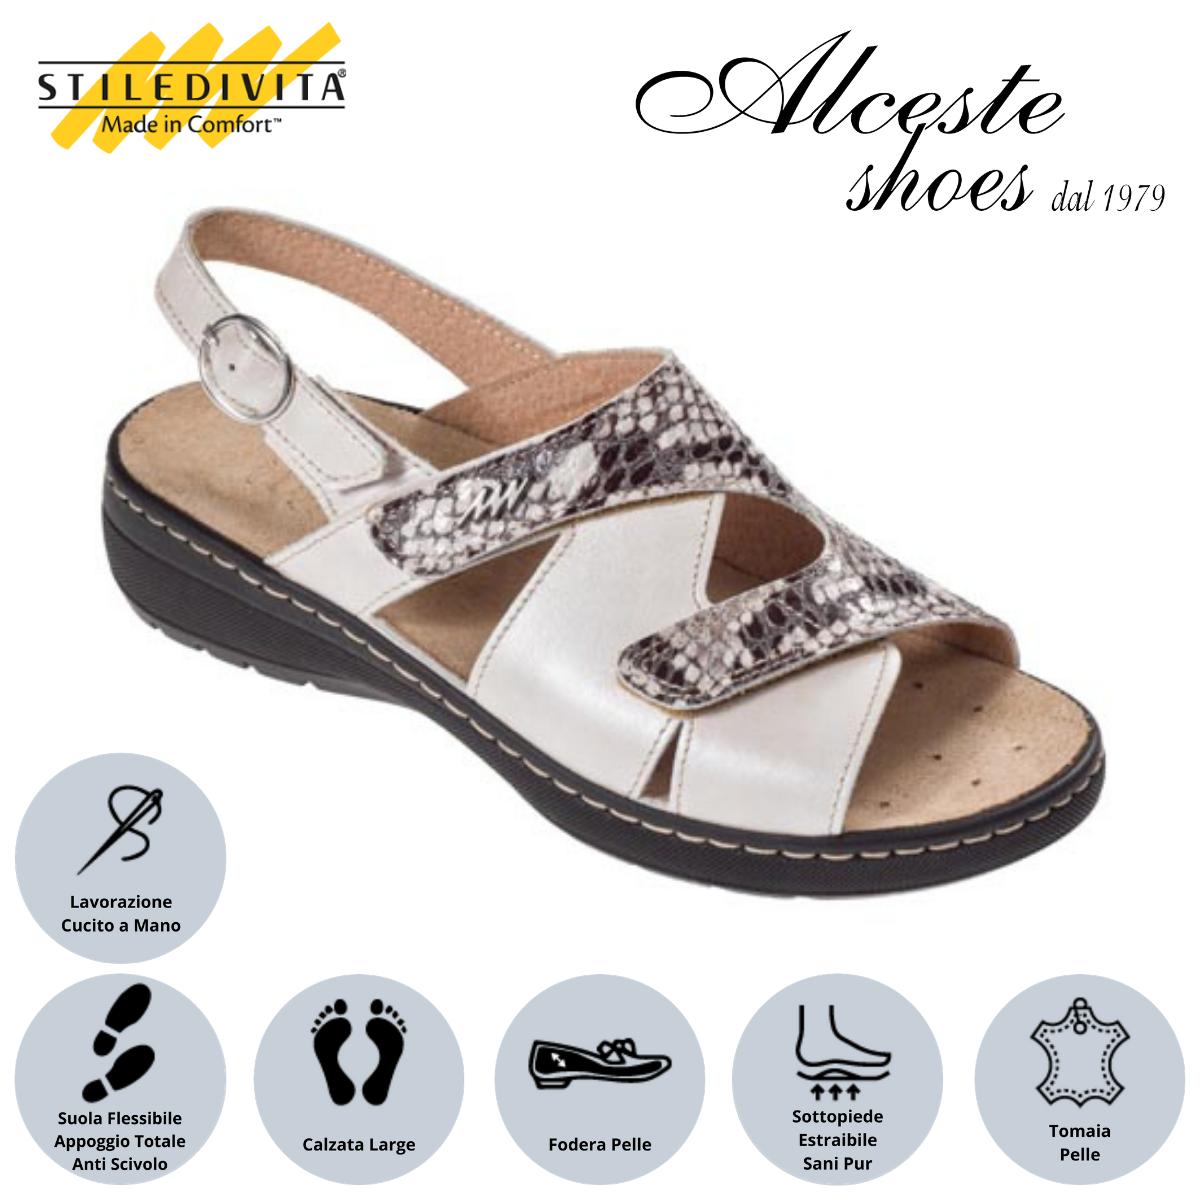 Sandalo con Strappi Stiledivita Art. 8195 Pelle Cipria e Pelle Stampata Roccia Alceste Shoes 6